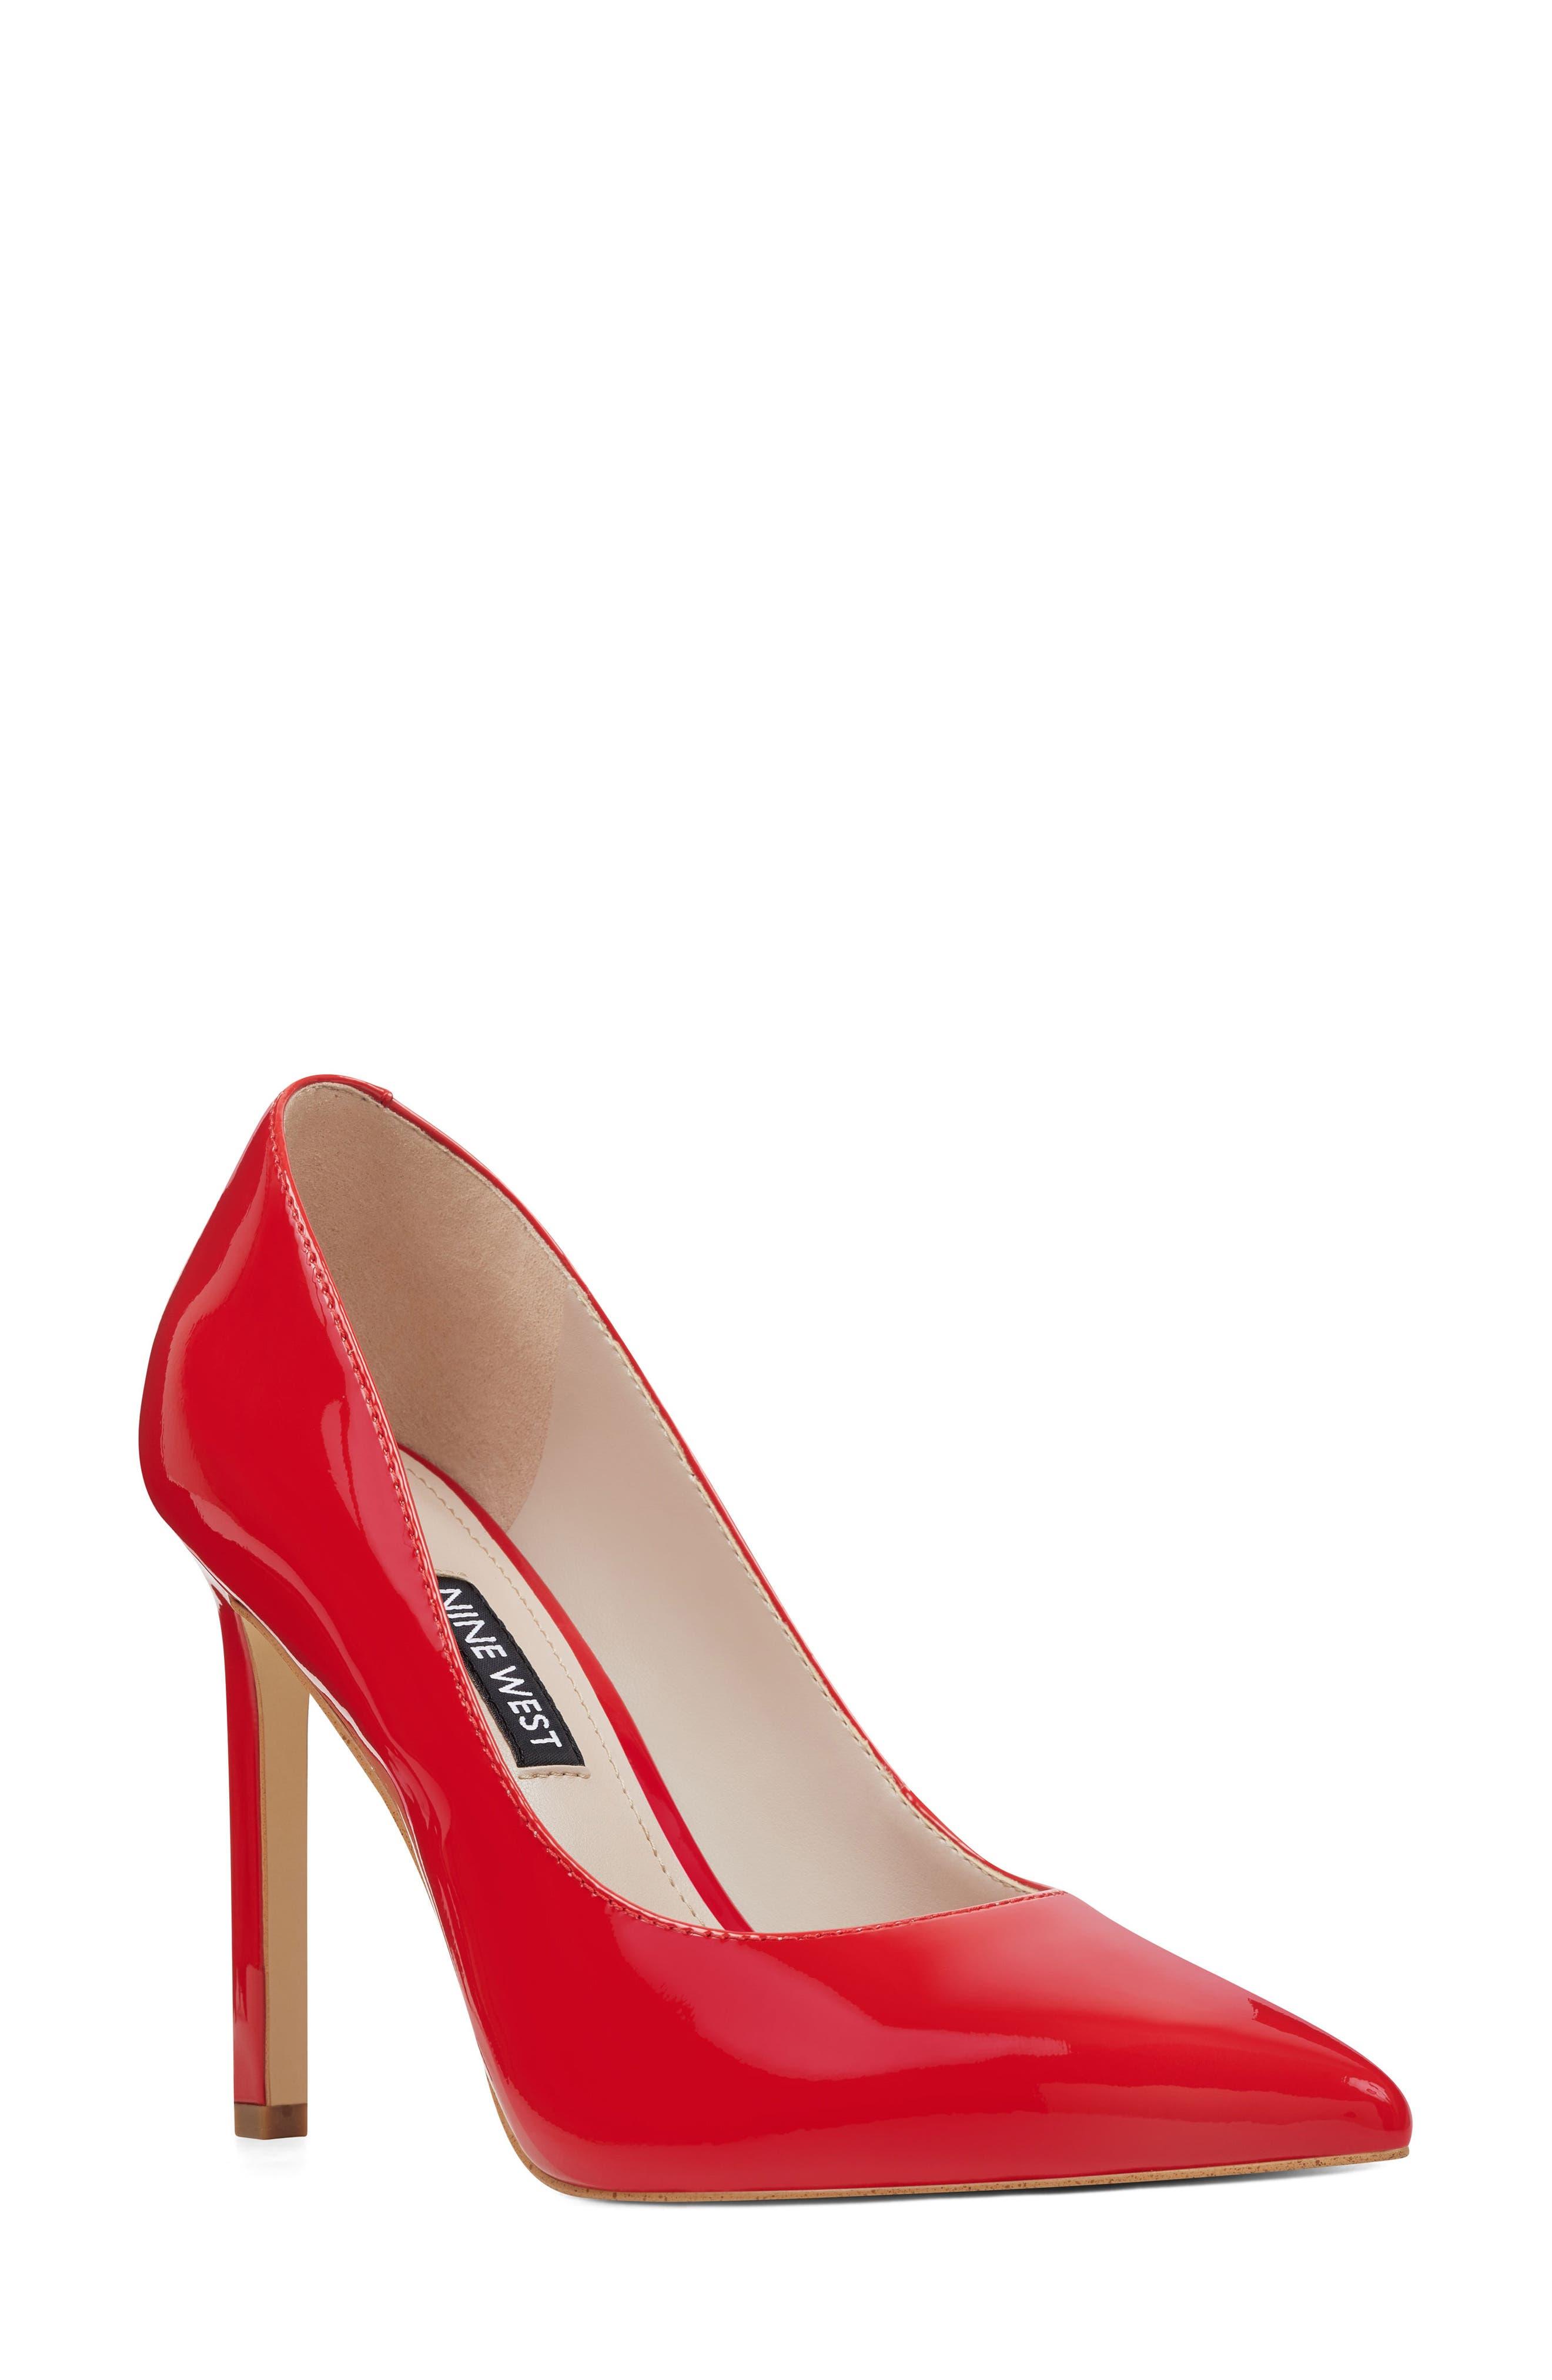 b75d000a13b Women s Nine West Shoes